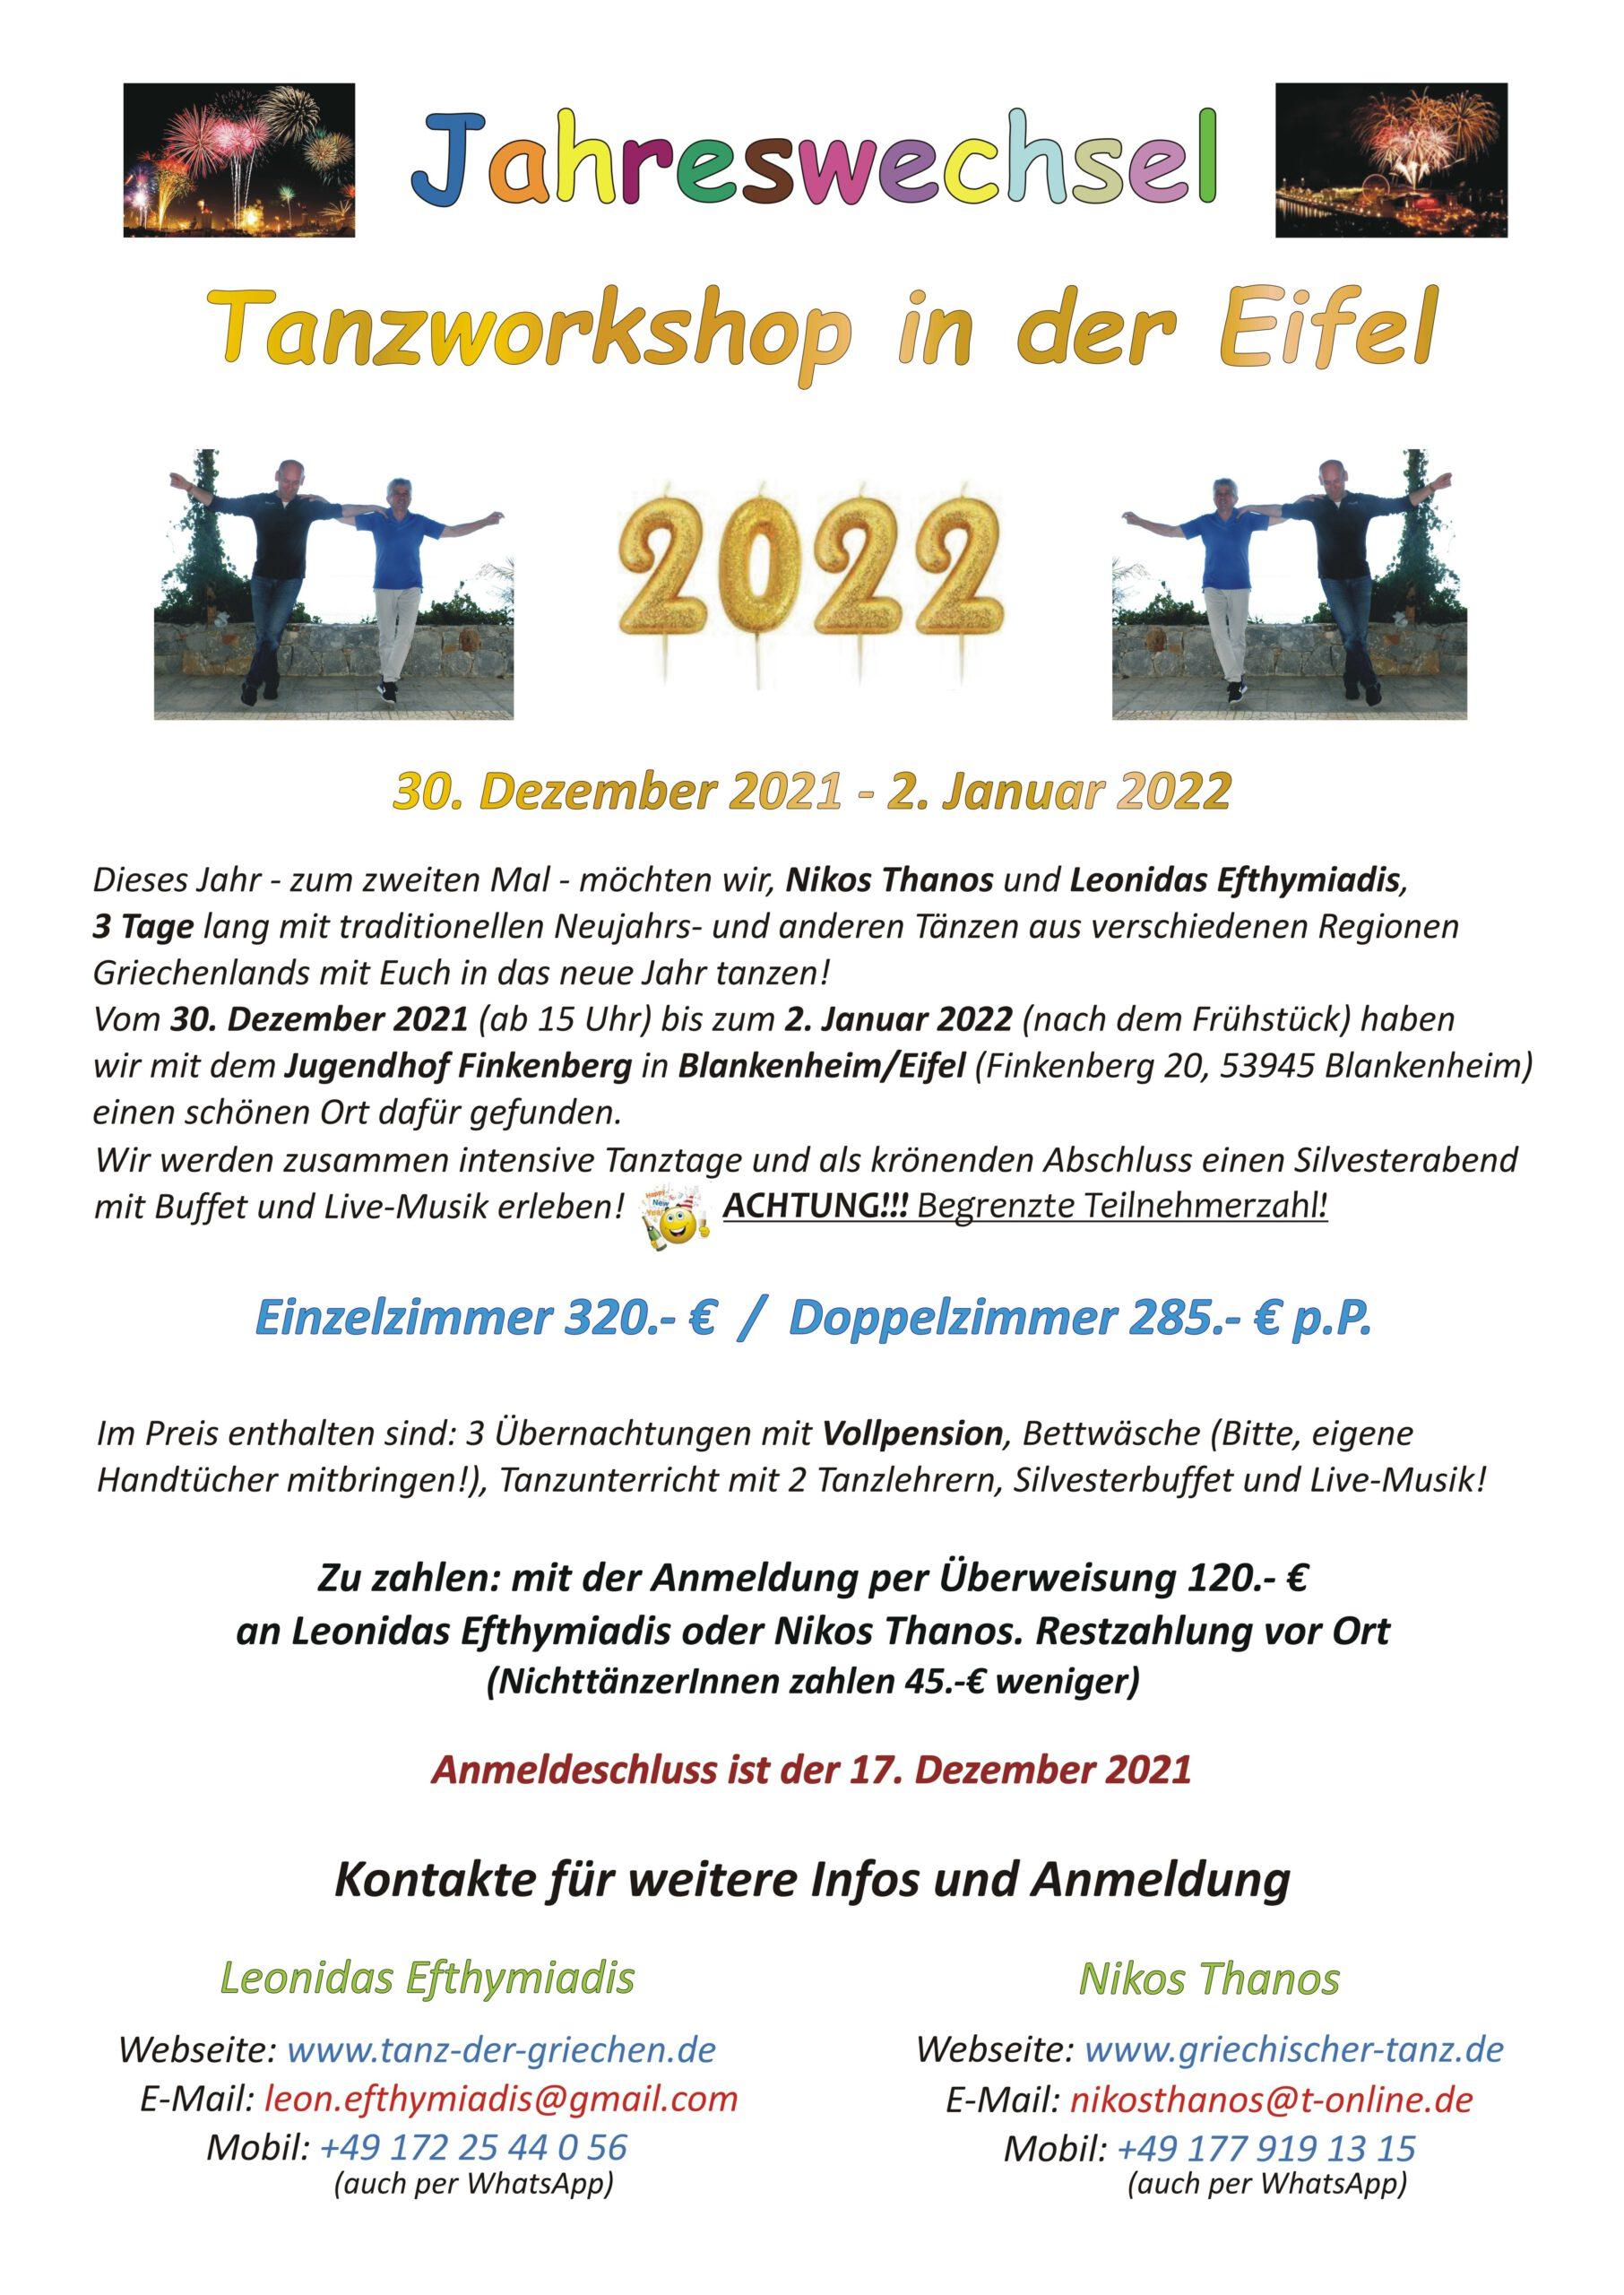 Jahreswechsel-Tanzworkshop in Eifel - 2021-22